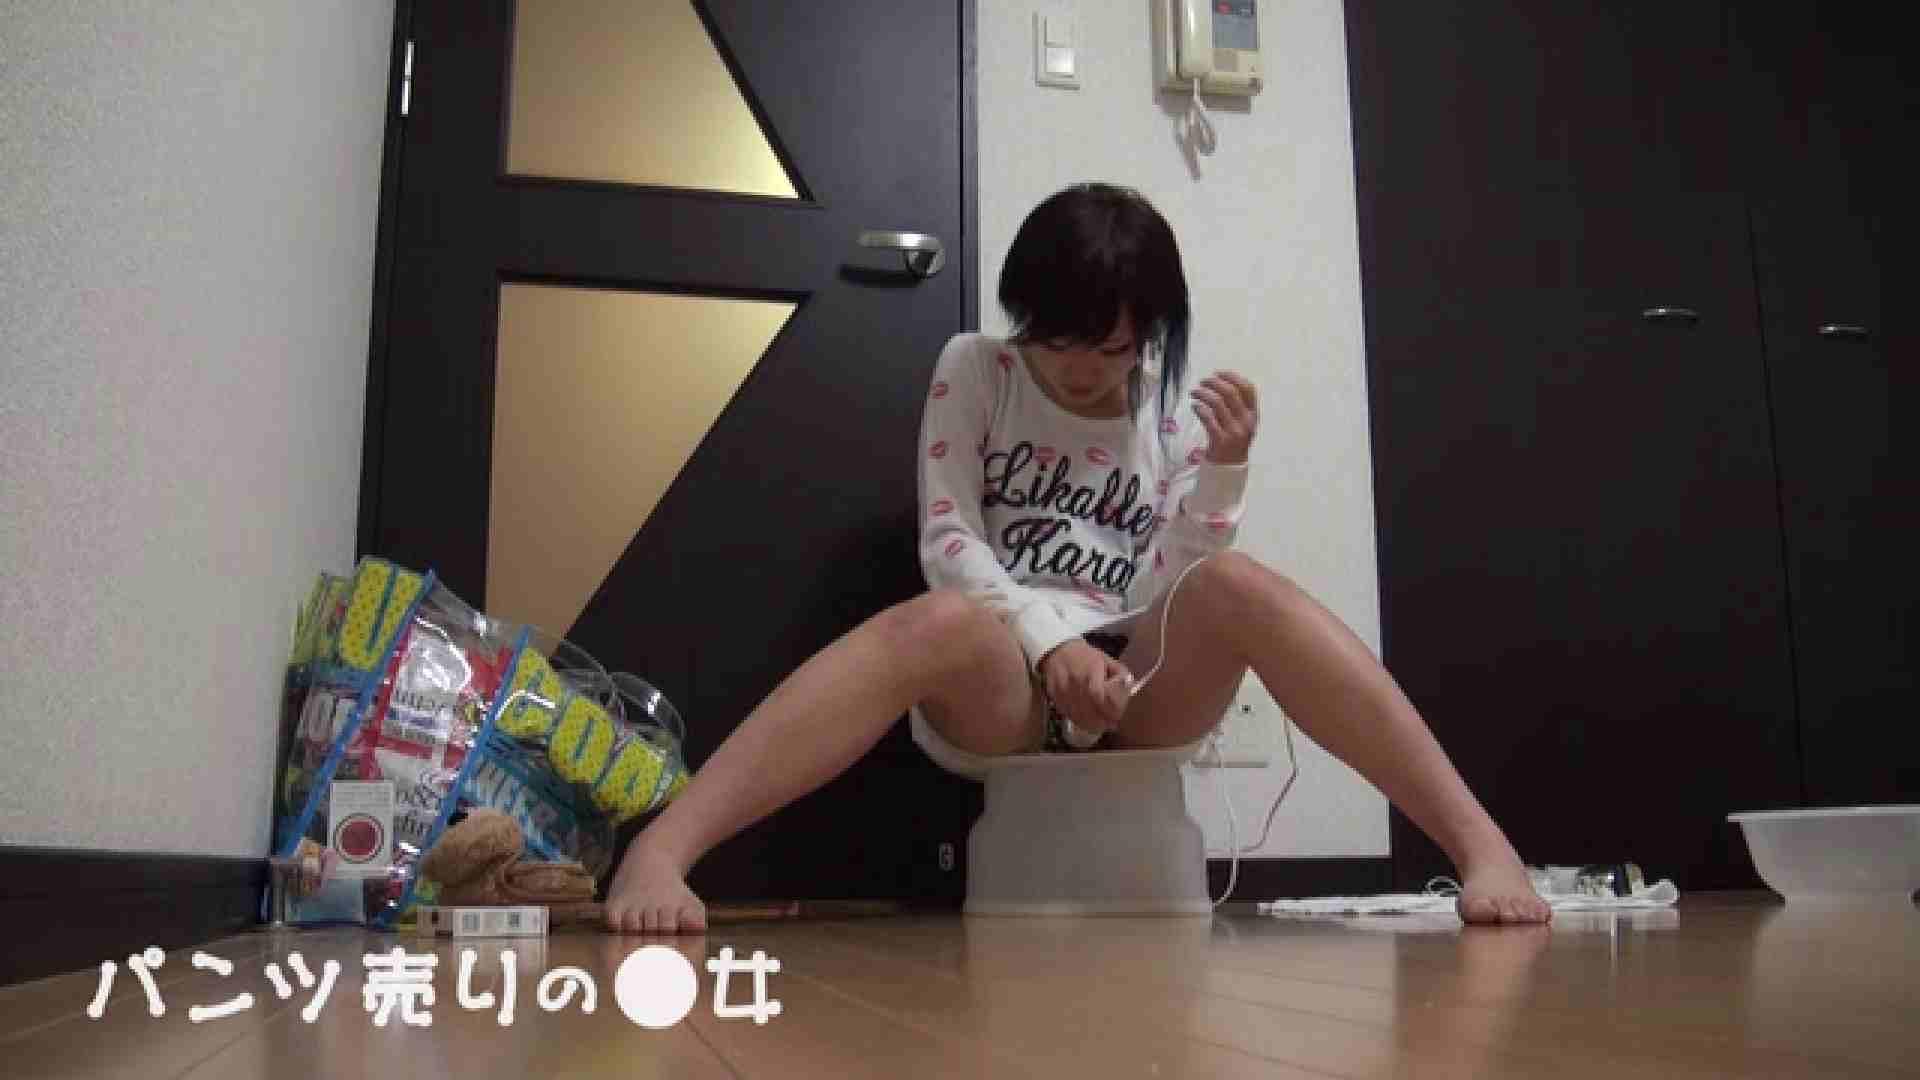 新説 パンツ売りの女の子nana 一般投稿  108枚 74